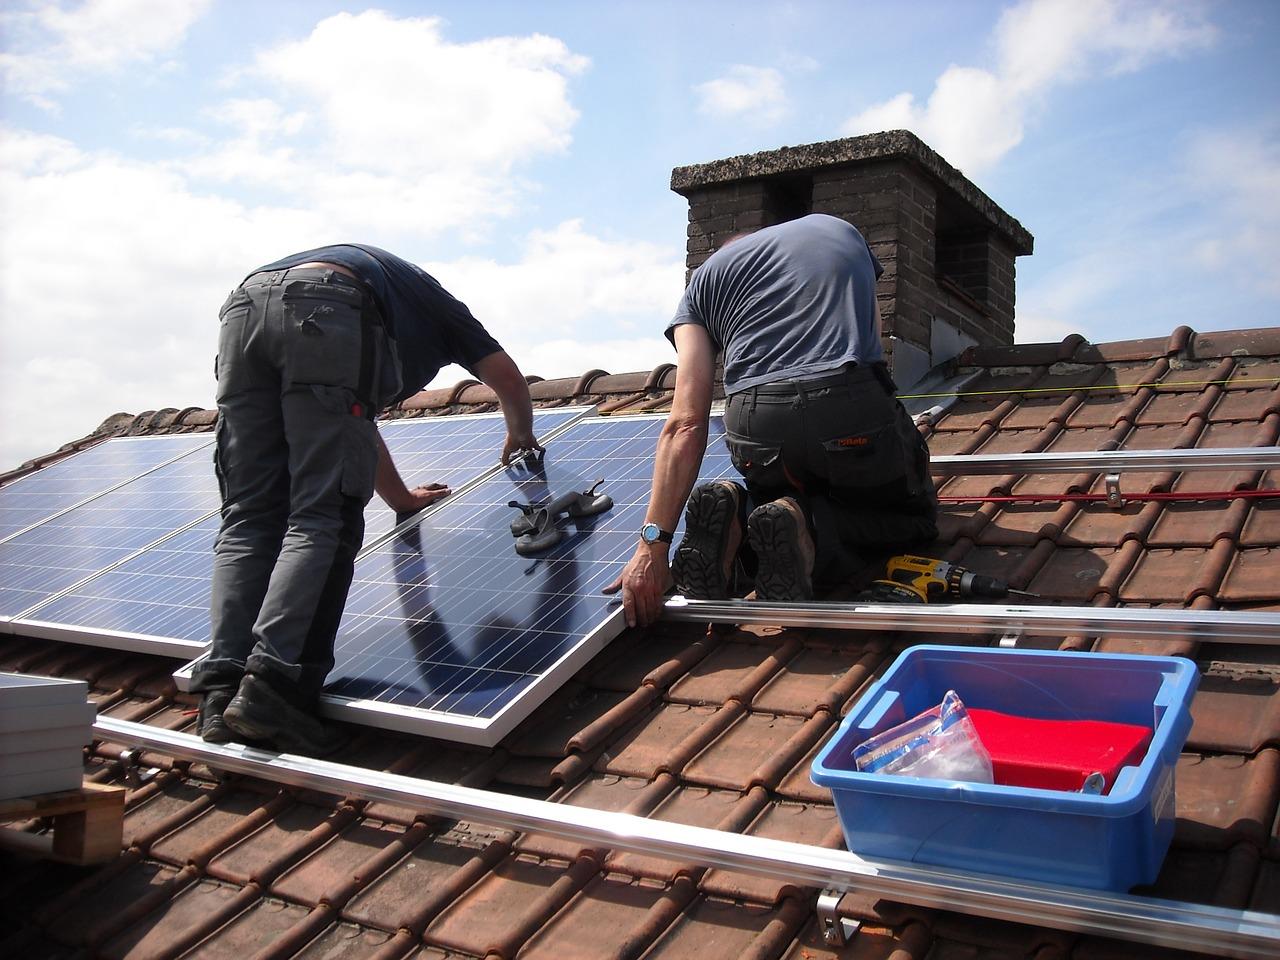 Op deze manieren kunt u zonnepanelen financieren